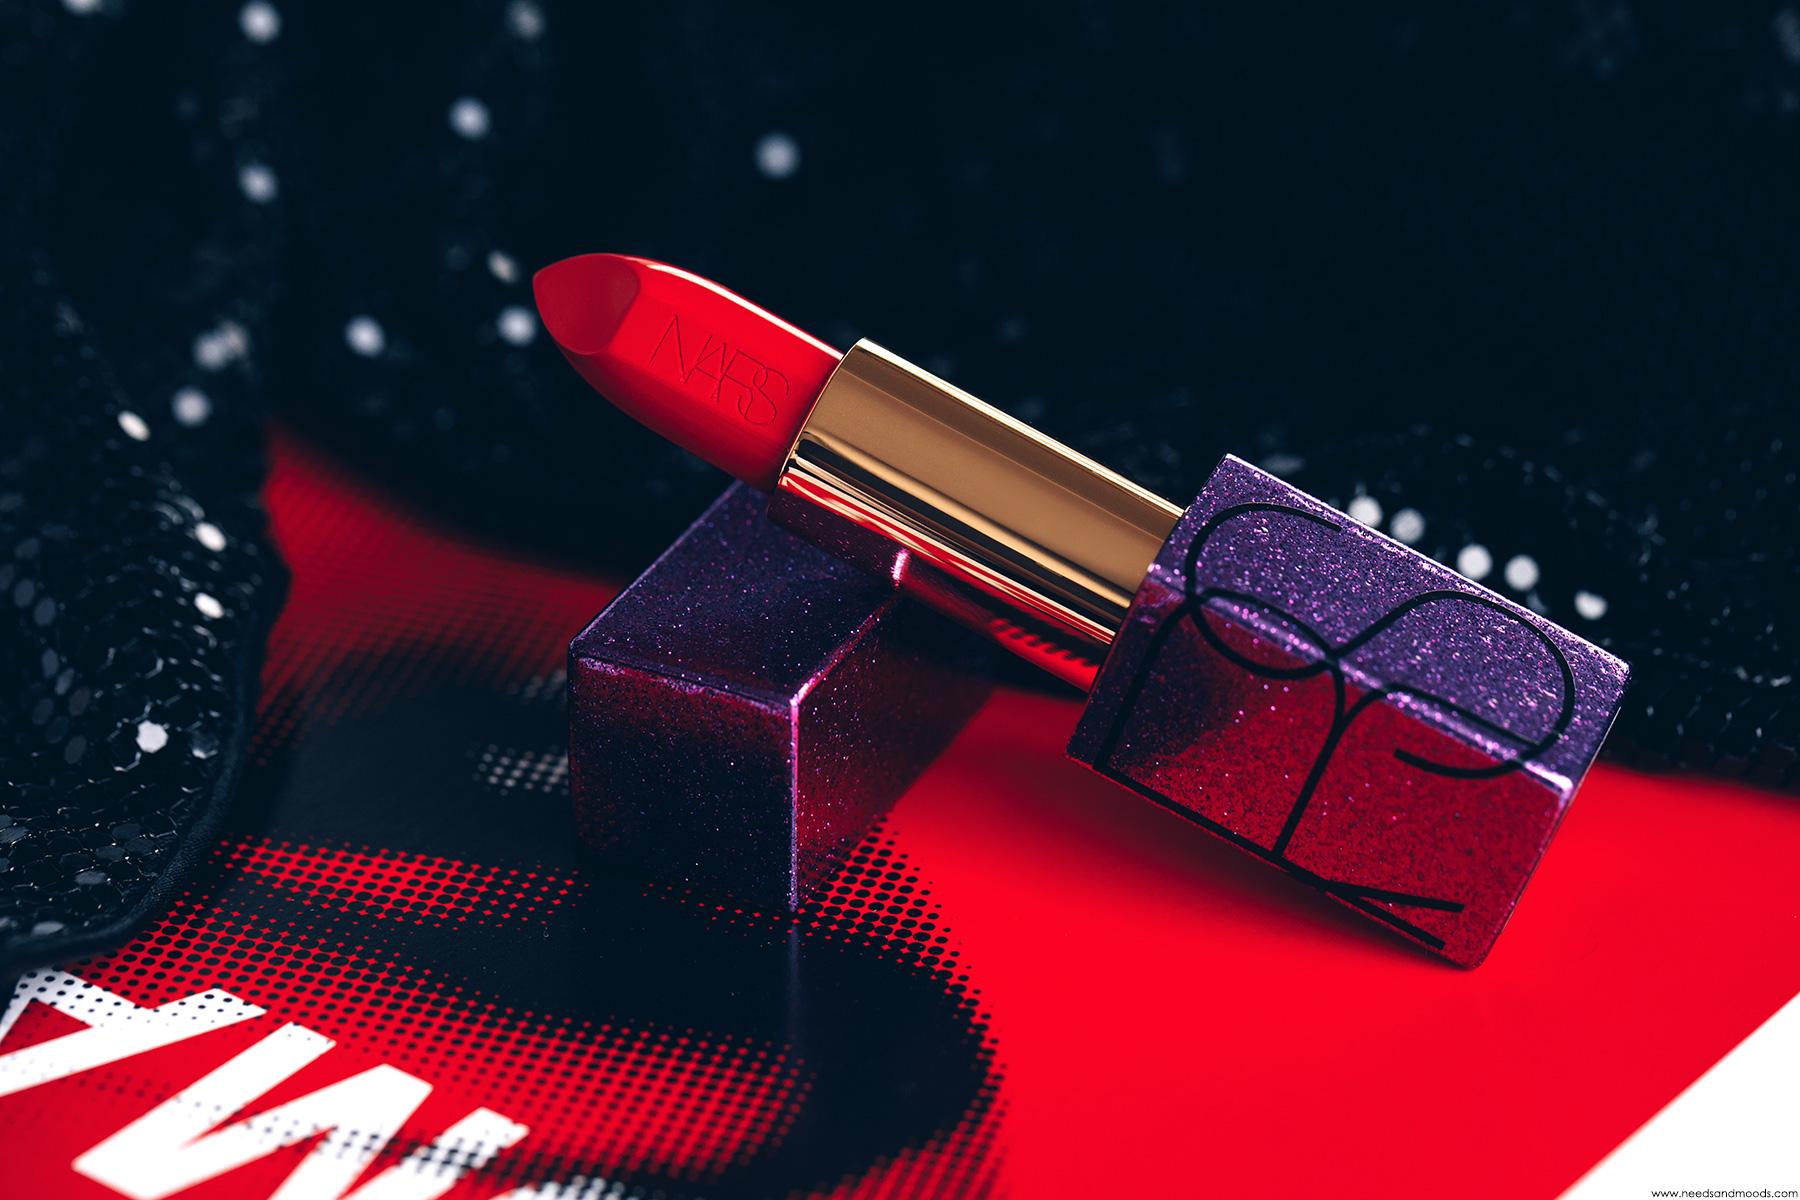 nars audacious studio 54 audacious lipstick